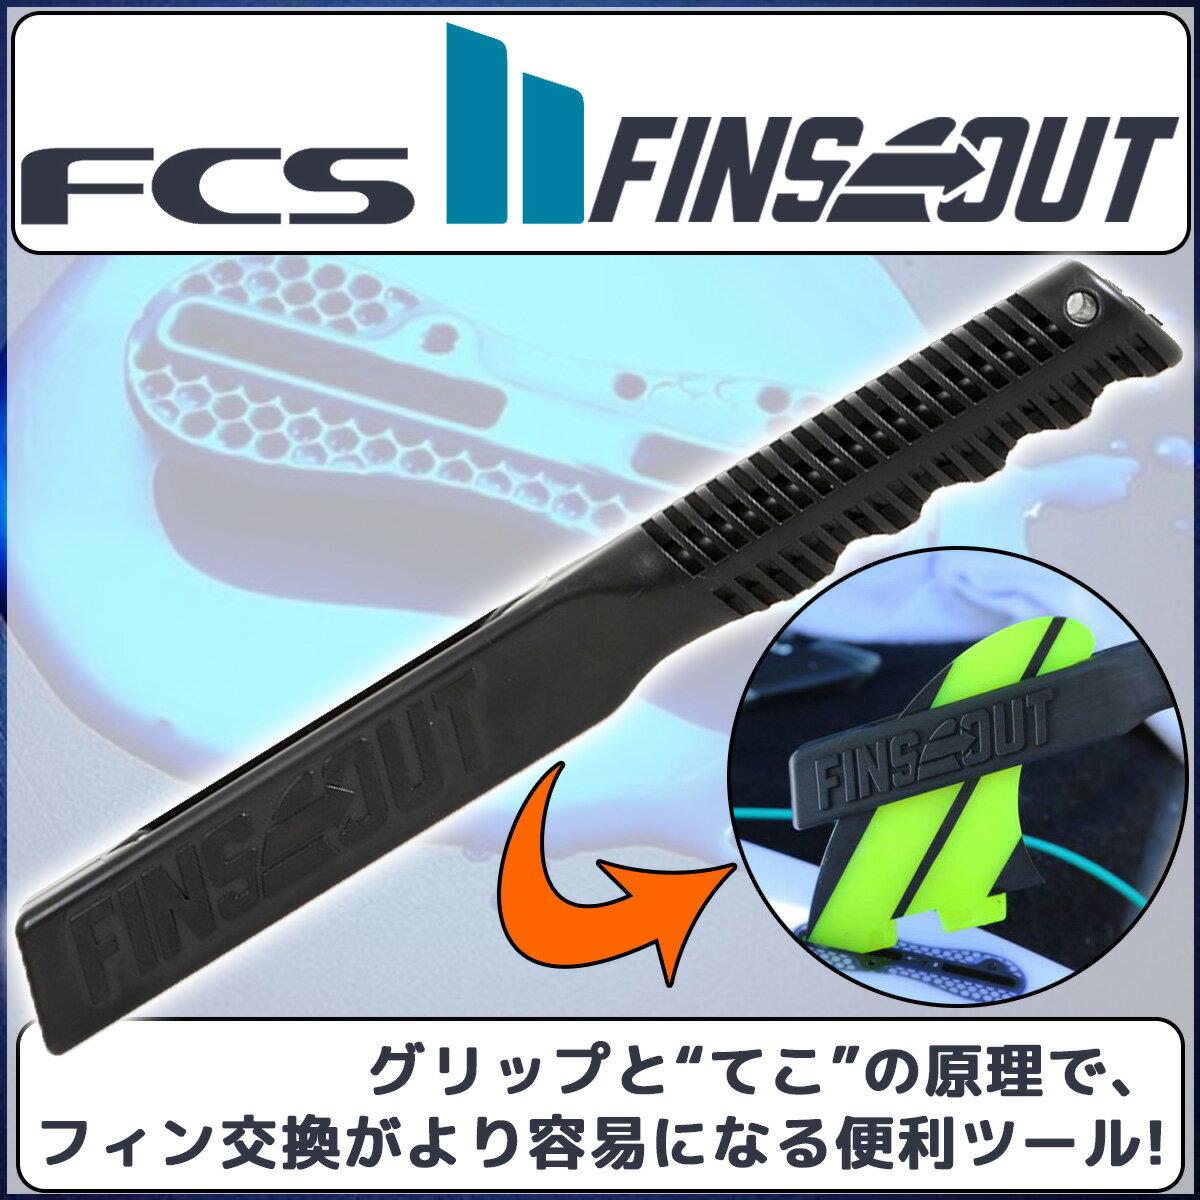 即日出荷 FCS2 FINSOUT(エフシーエス2 フィンアウト)FCS2フィン取り外し用 フィン取り外し パッケージ無しのみメール便のみ送料無料